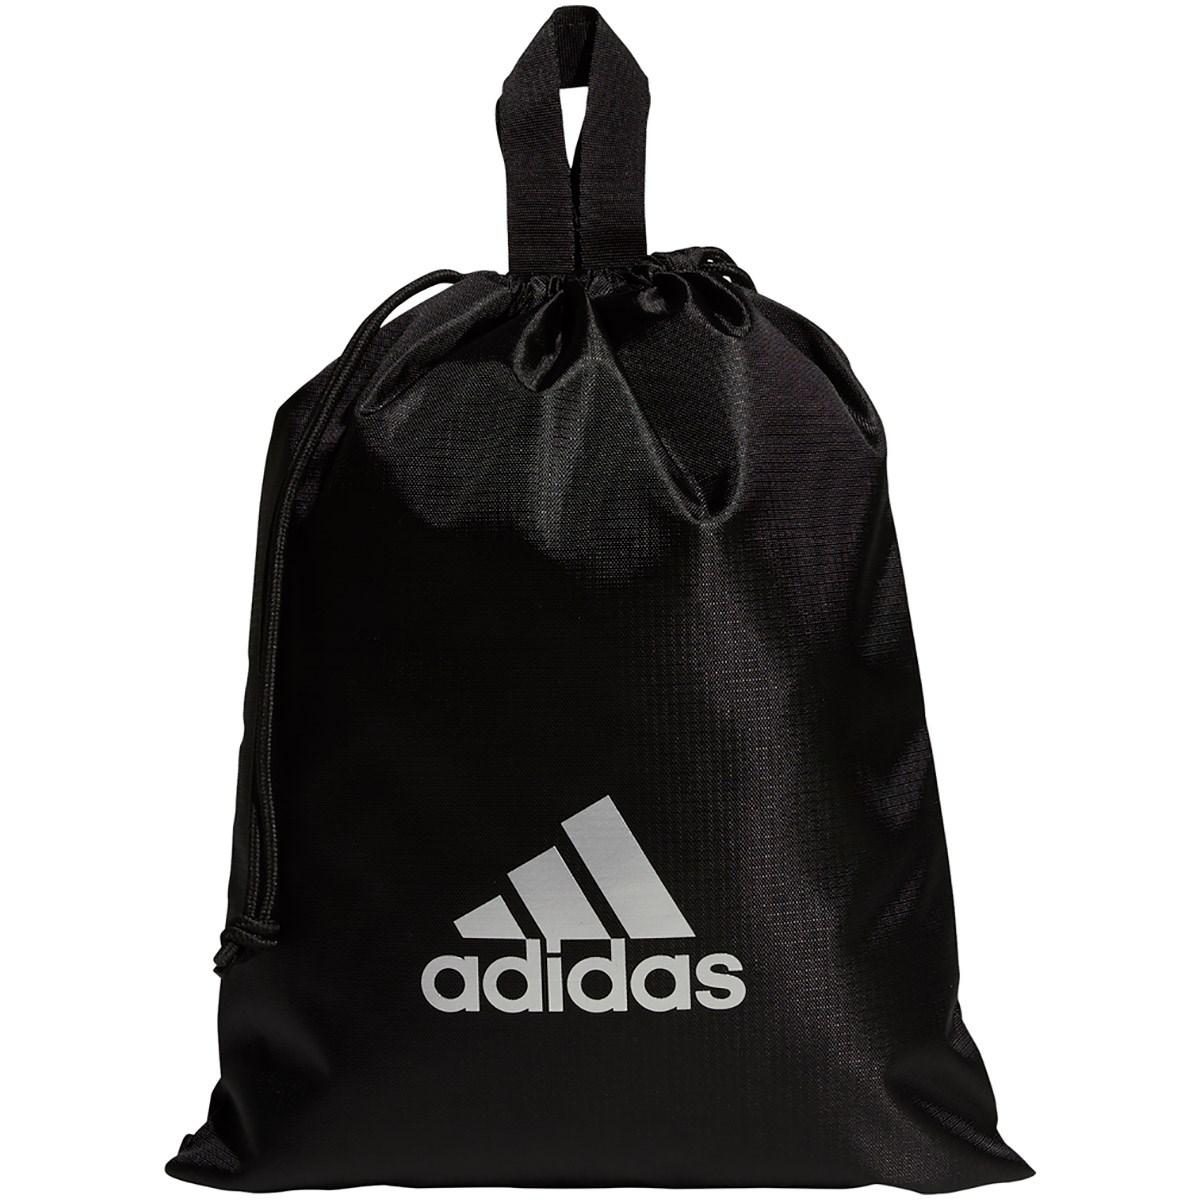 アディダス Adidas シューズケース ブラック